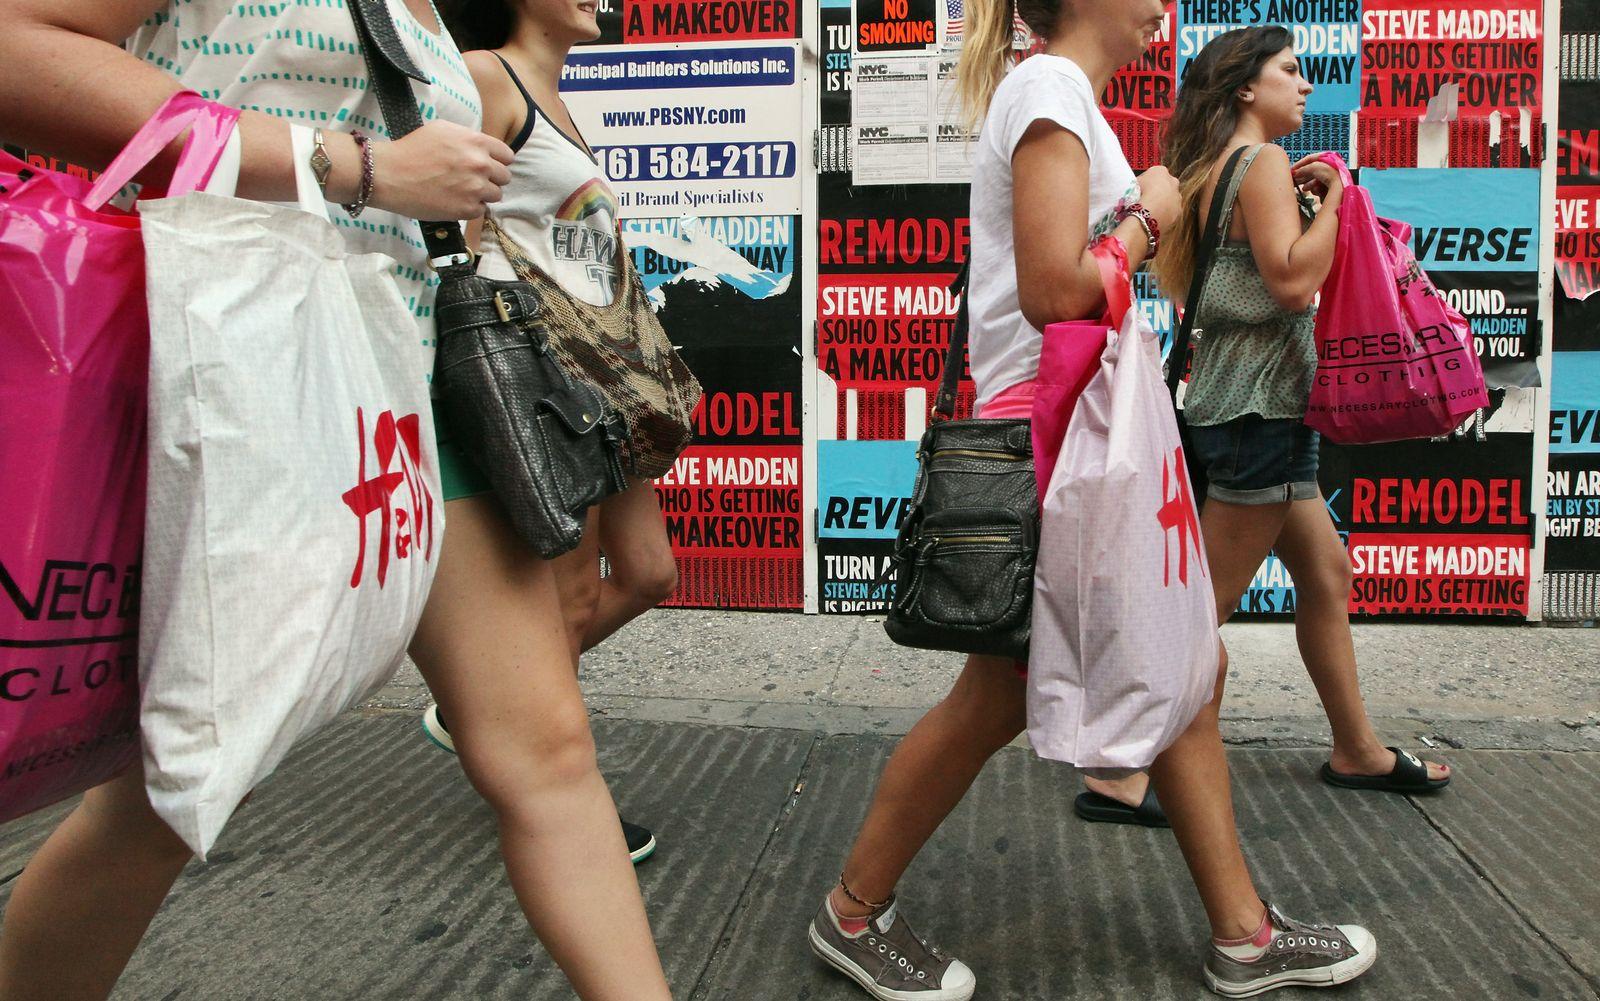 Konsum / Konjunktur / Einkaufen / Shoppers